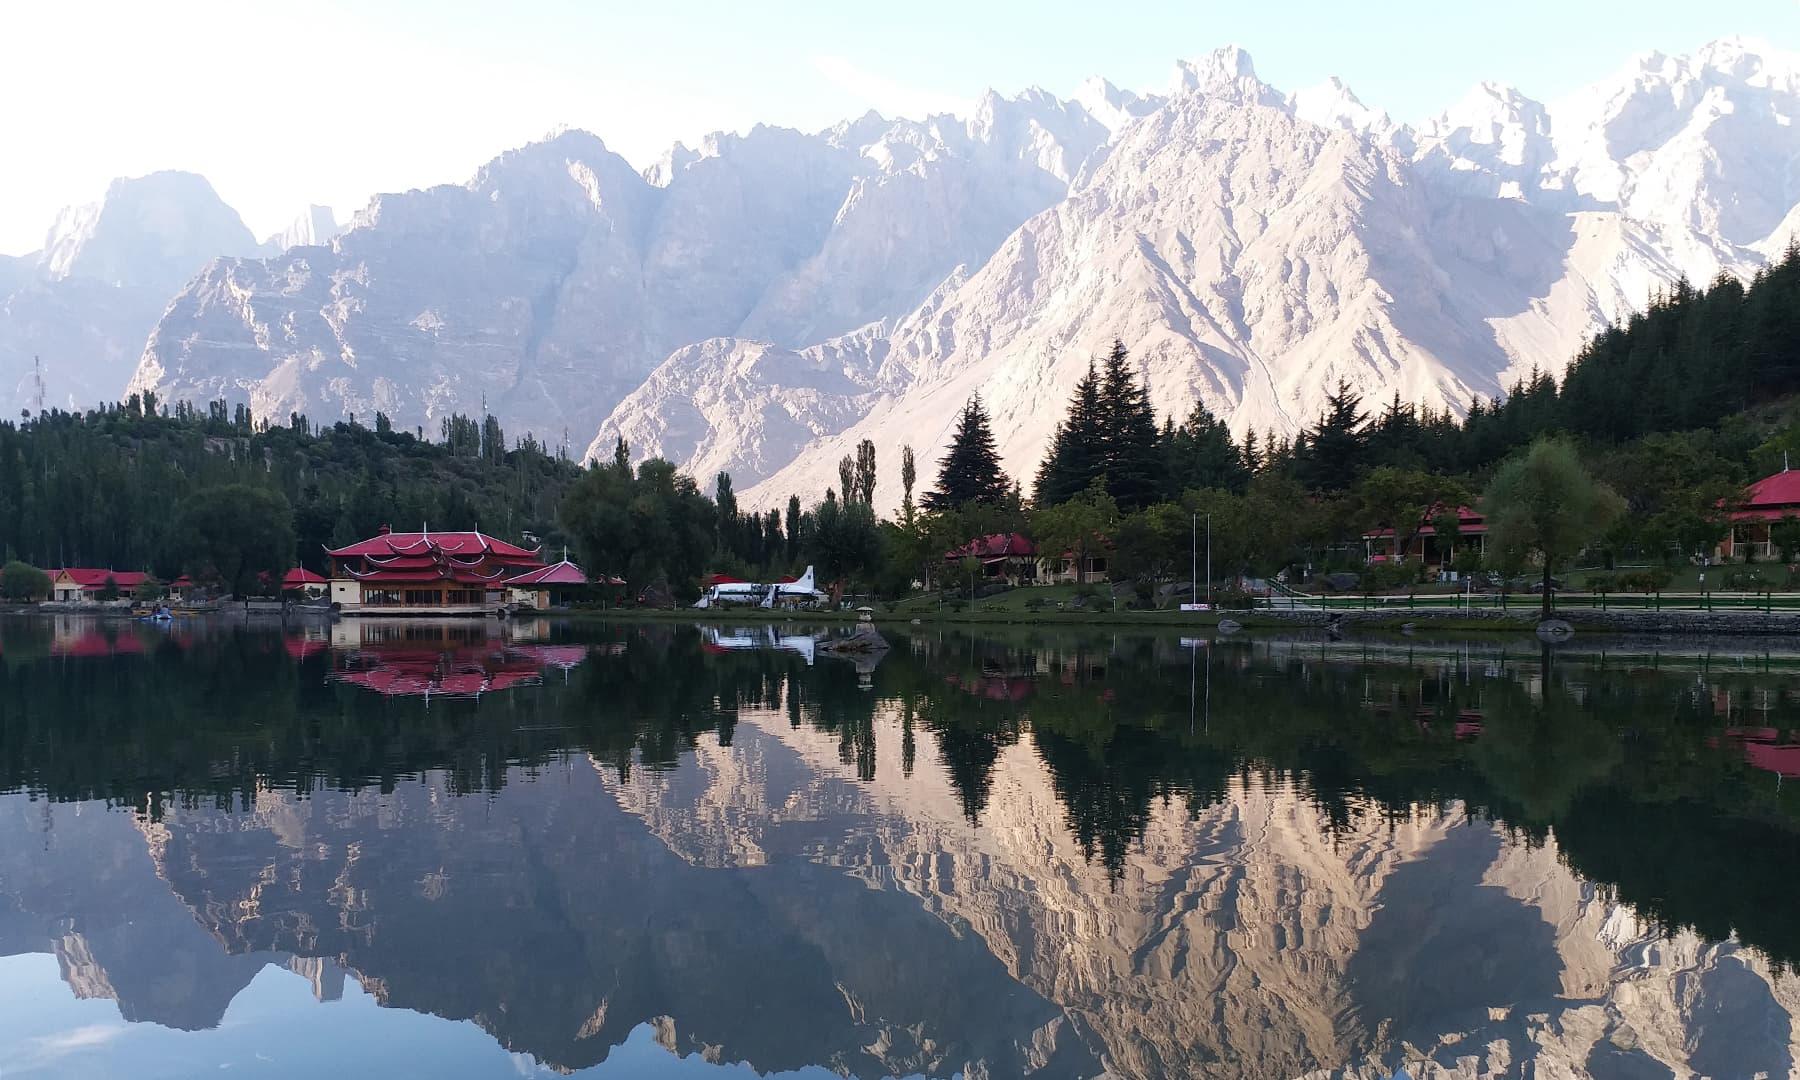 شنگریلا جھیل کا ایک دلکش منظر—تصویر عظمت اکبر